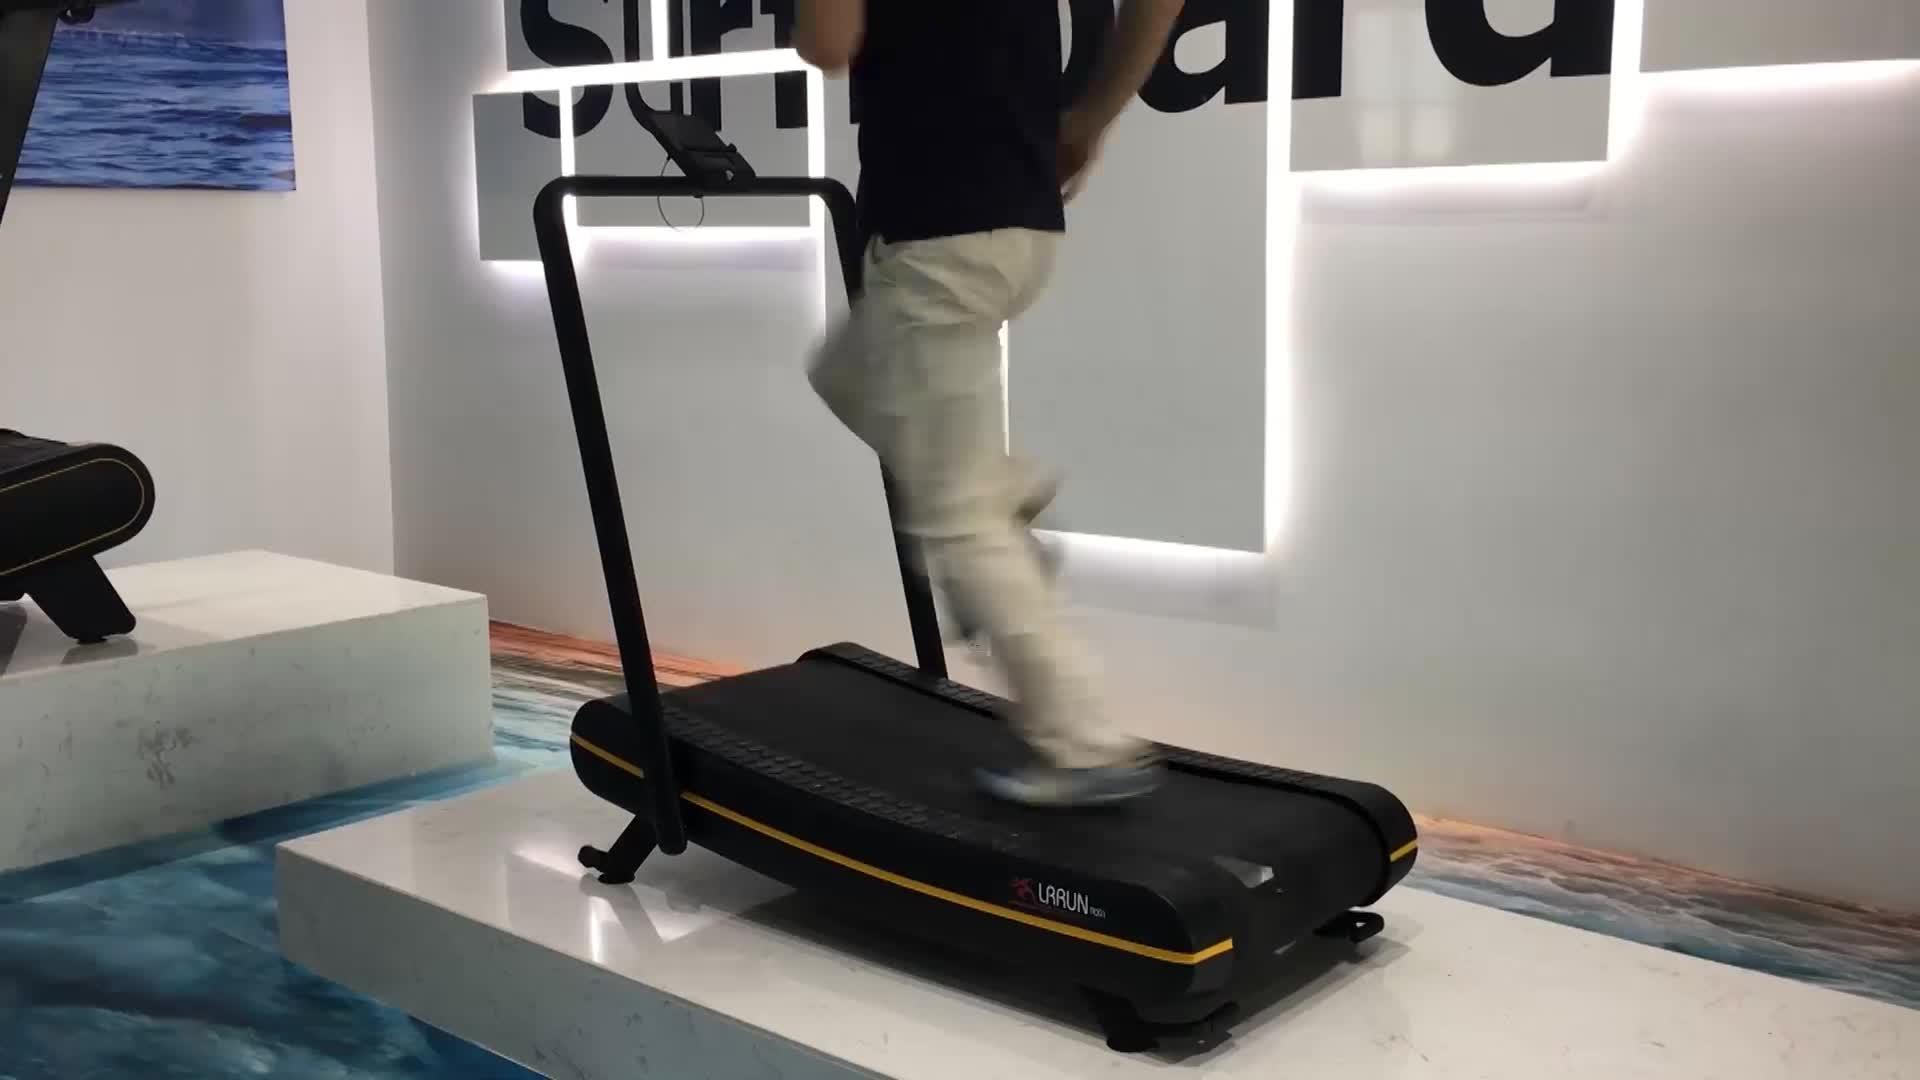 ลู่วิ่งโดยไม่ต้องไฟฟ้าแบบพกพา treadmill home gym อุปกรณ์ลู่วิ่ง air runner การออกกำลังกายเดินเครื่อง